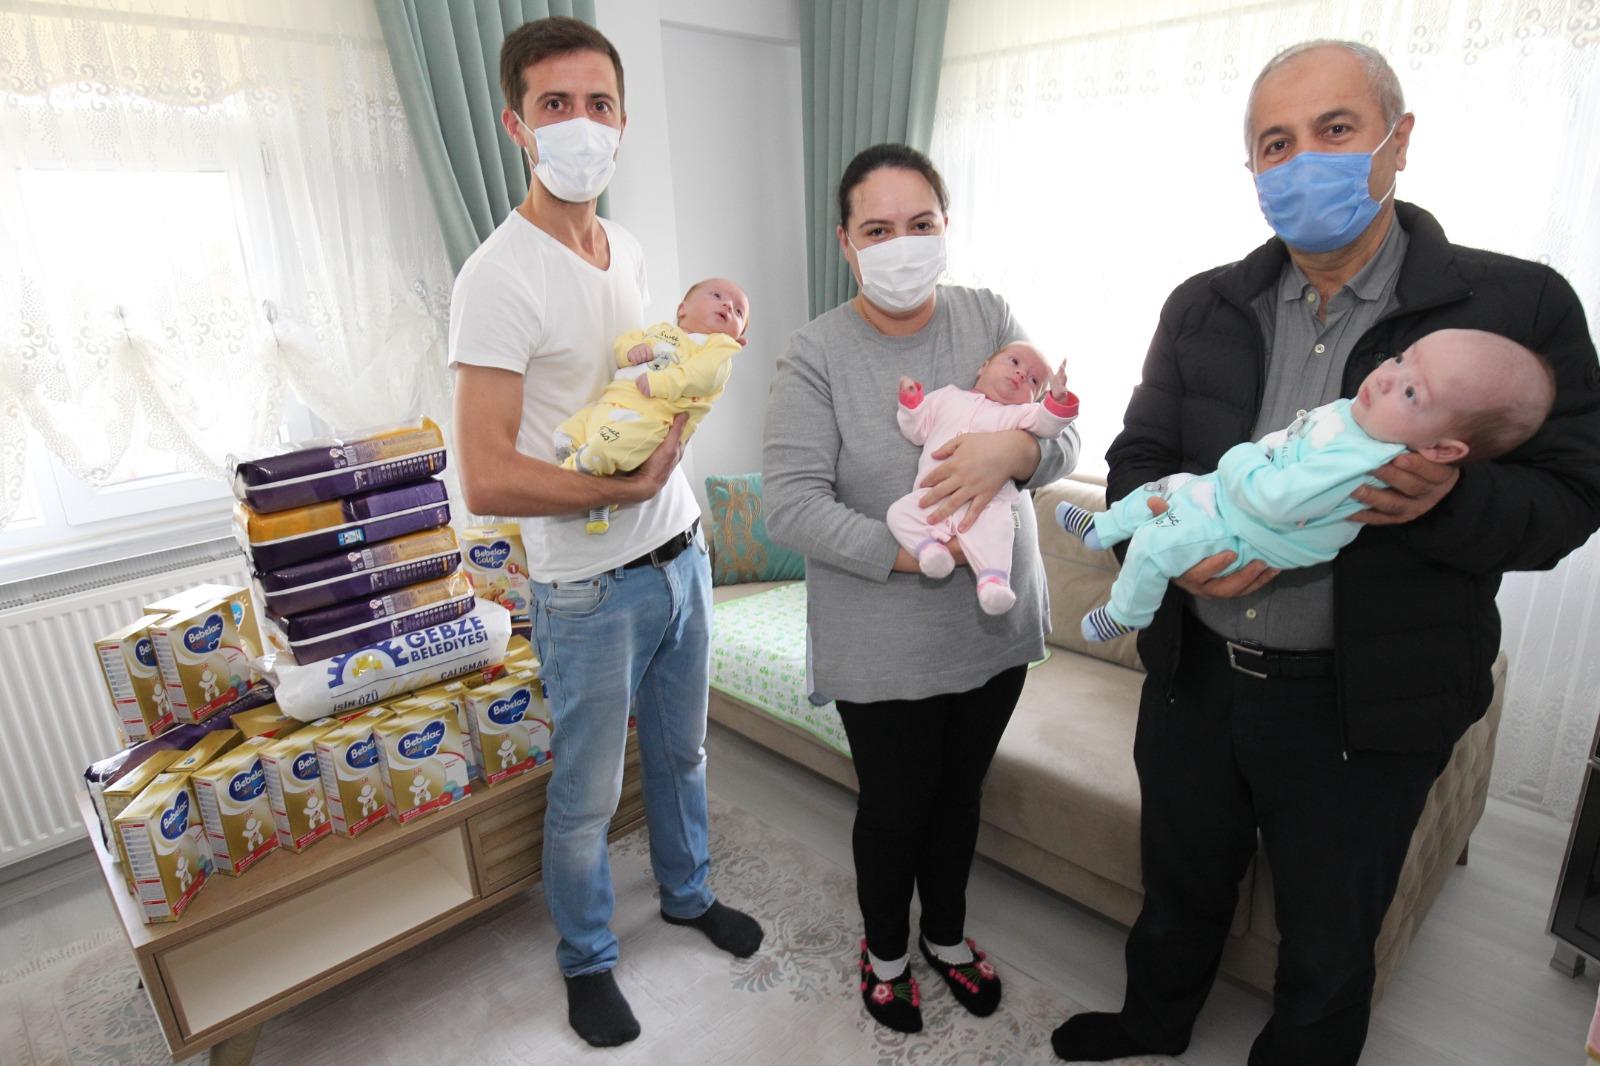 Başkan Büyükgöz, Üçüz Bebekleri Ziyaret Etti